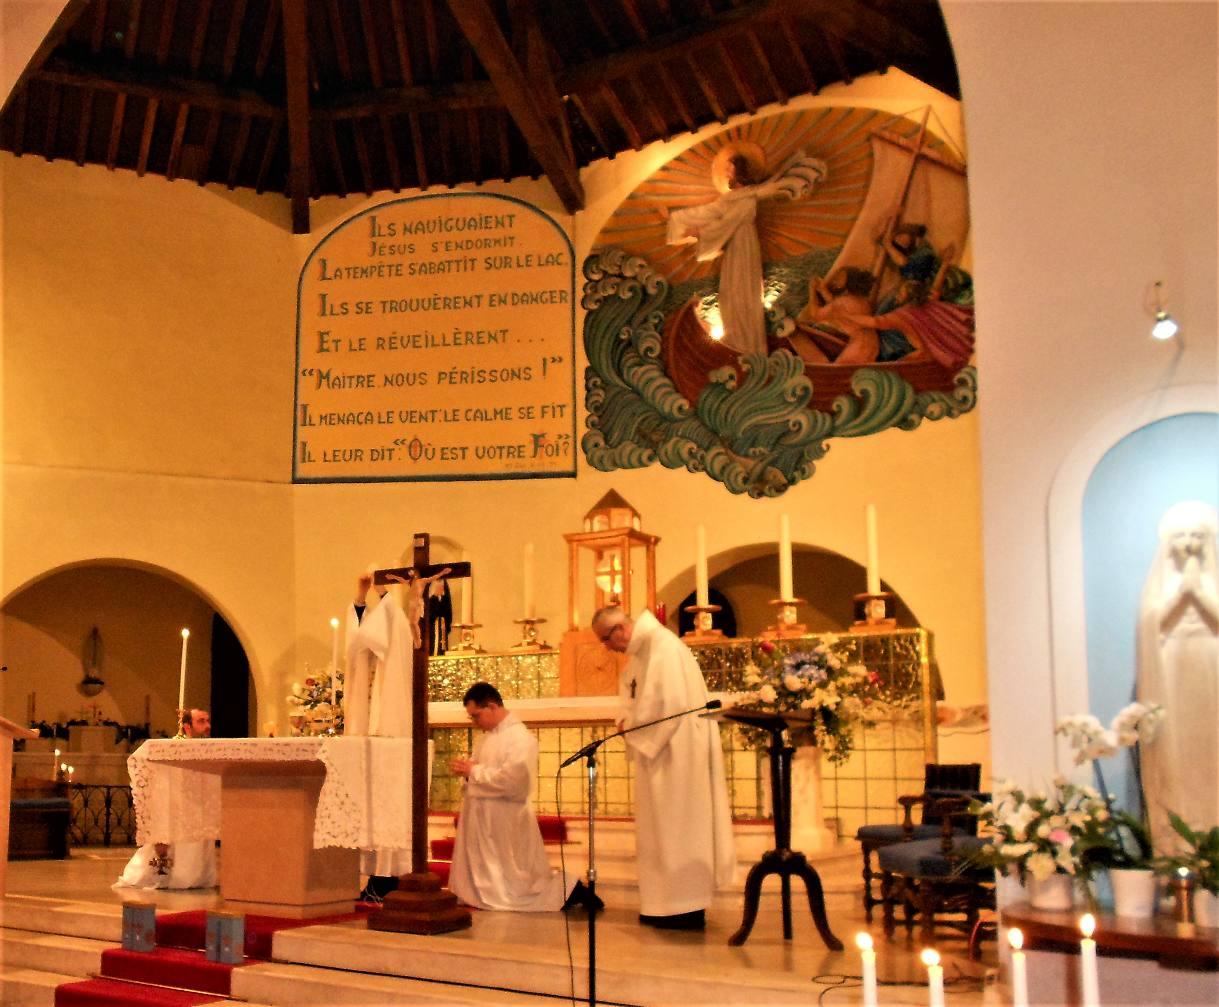 Toucher le seigneur en allant vers nos frères ; se laisser toucher par le Seigneur dans la communion